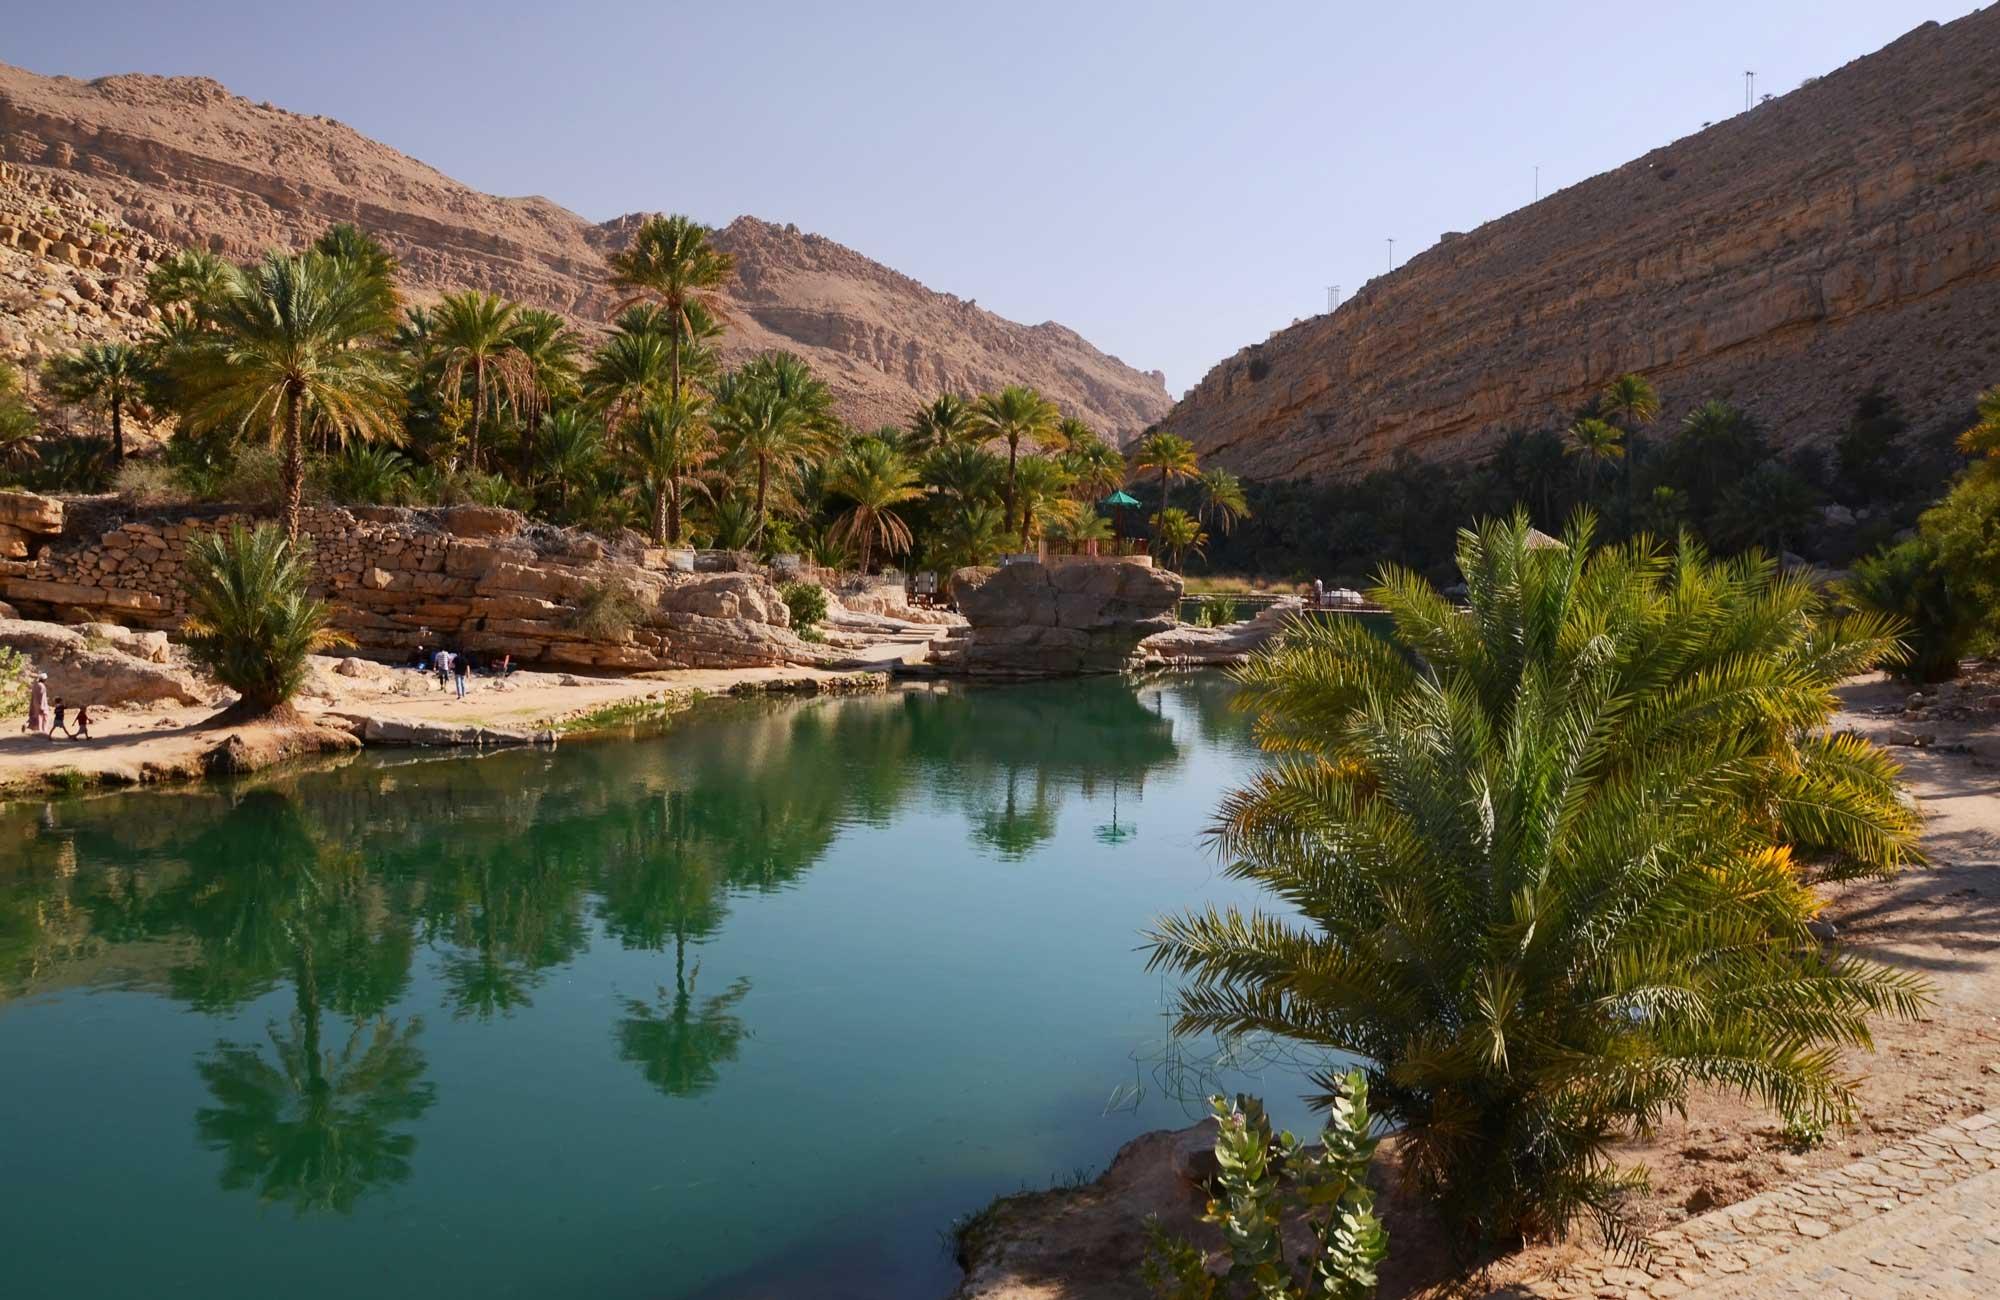 Voyage Oman - Wadi Bani Khalid - Amplitudes